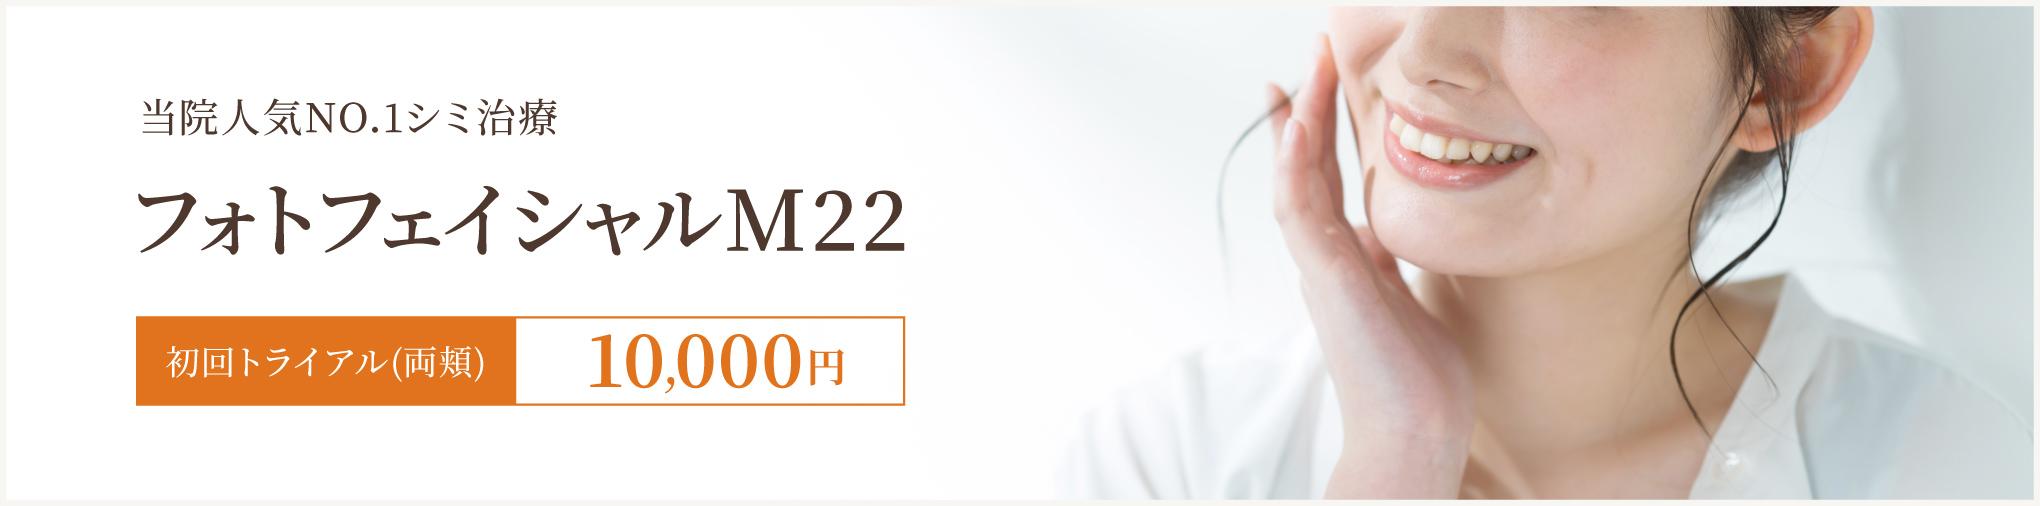 当院人気NO.1治療 フォトフェイシャルM22